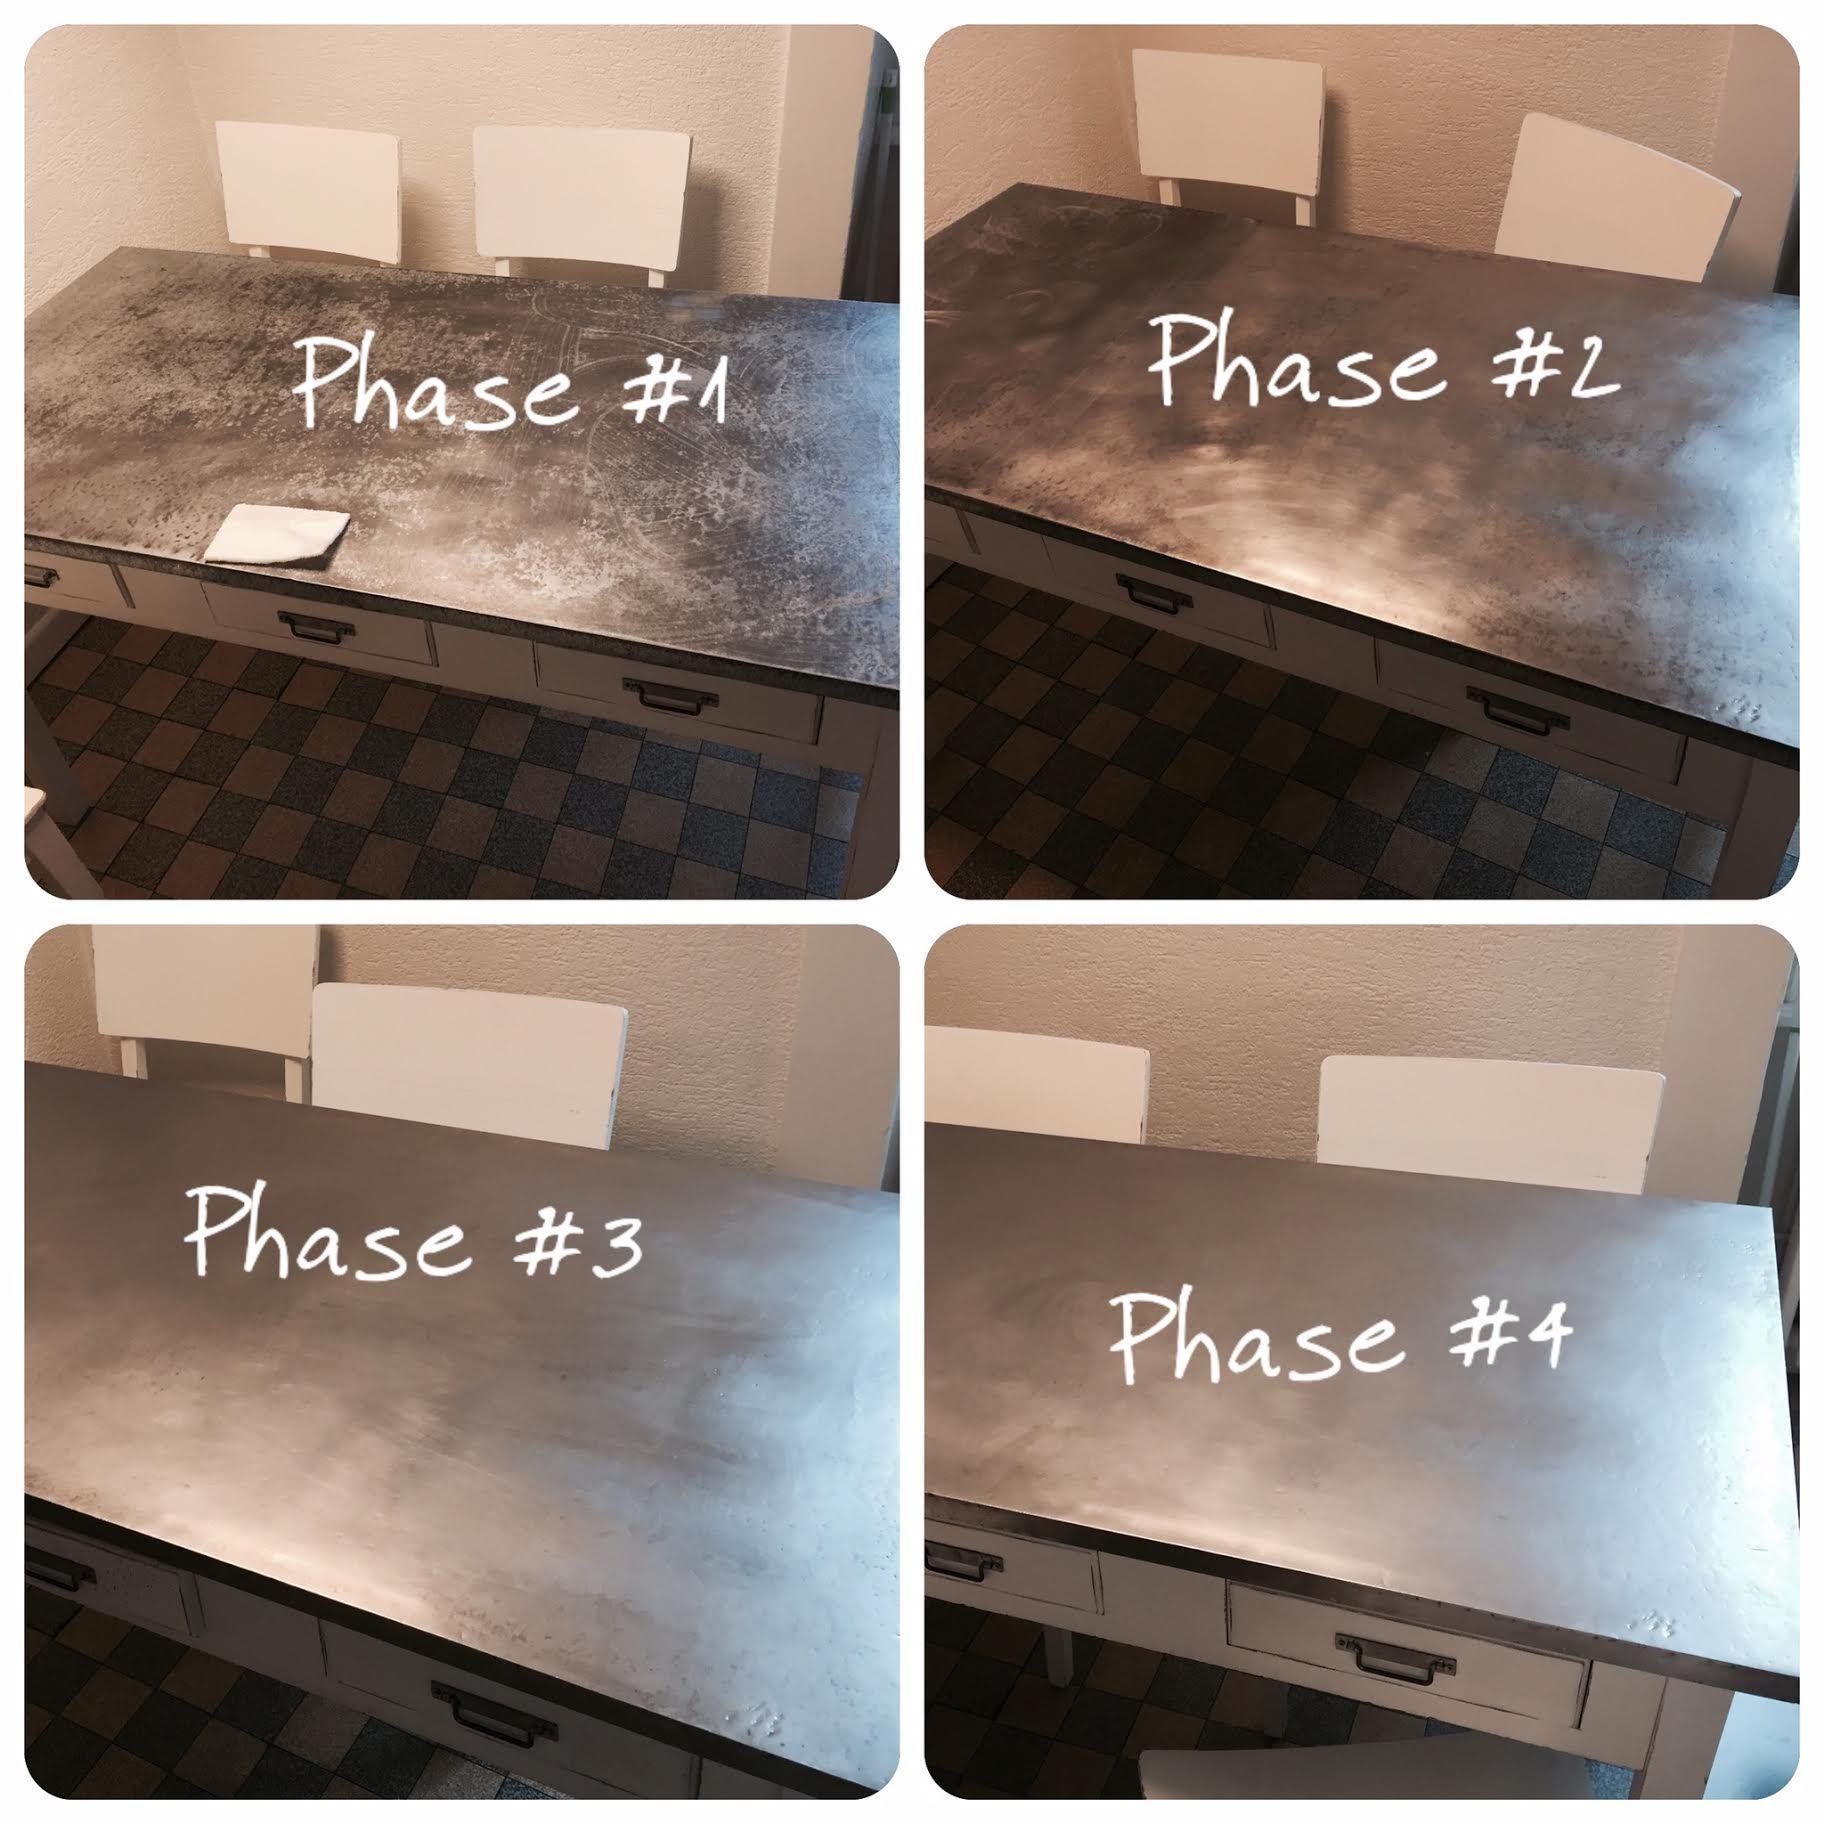 Comment Nettoyer Le Marbre Exterieur photo avant/après : nettoyez le zinc n'a jamais été aussi